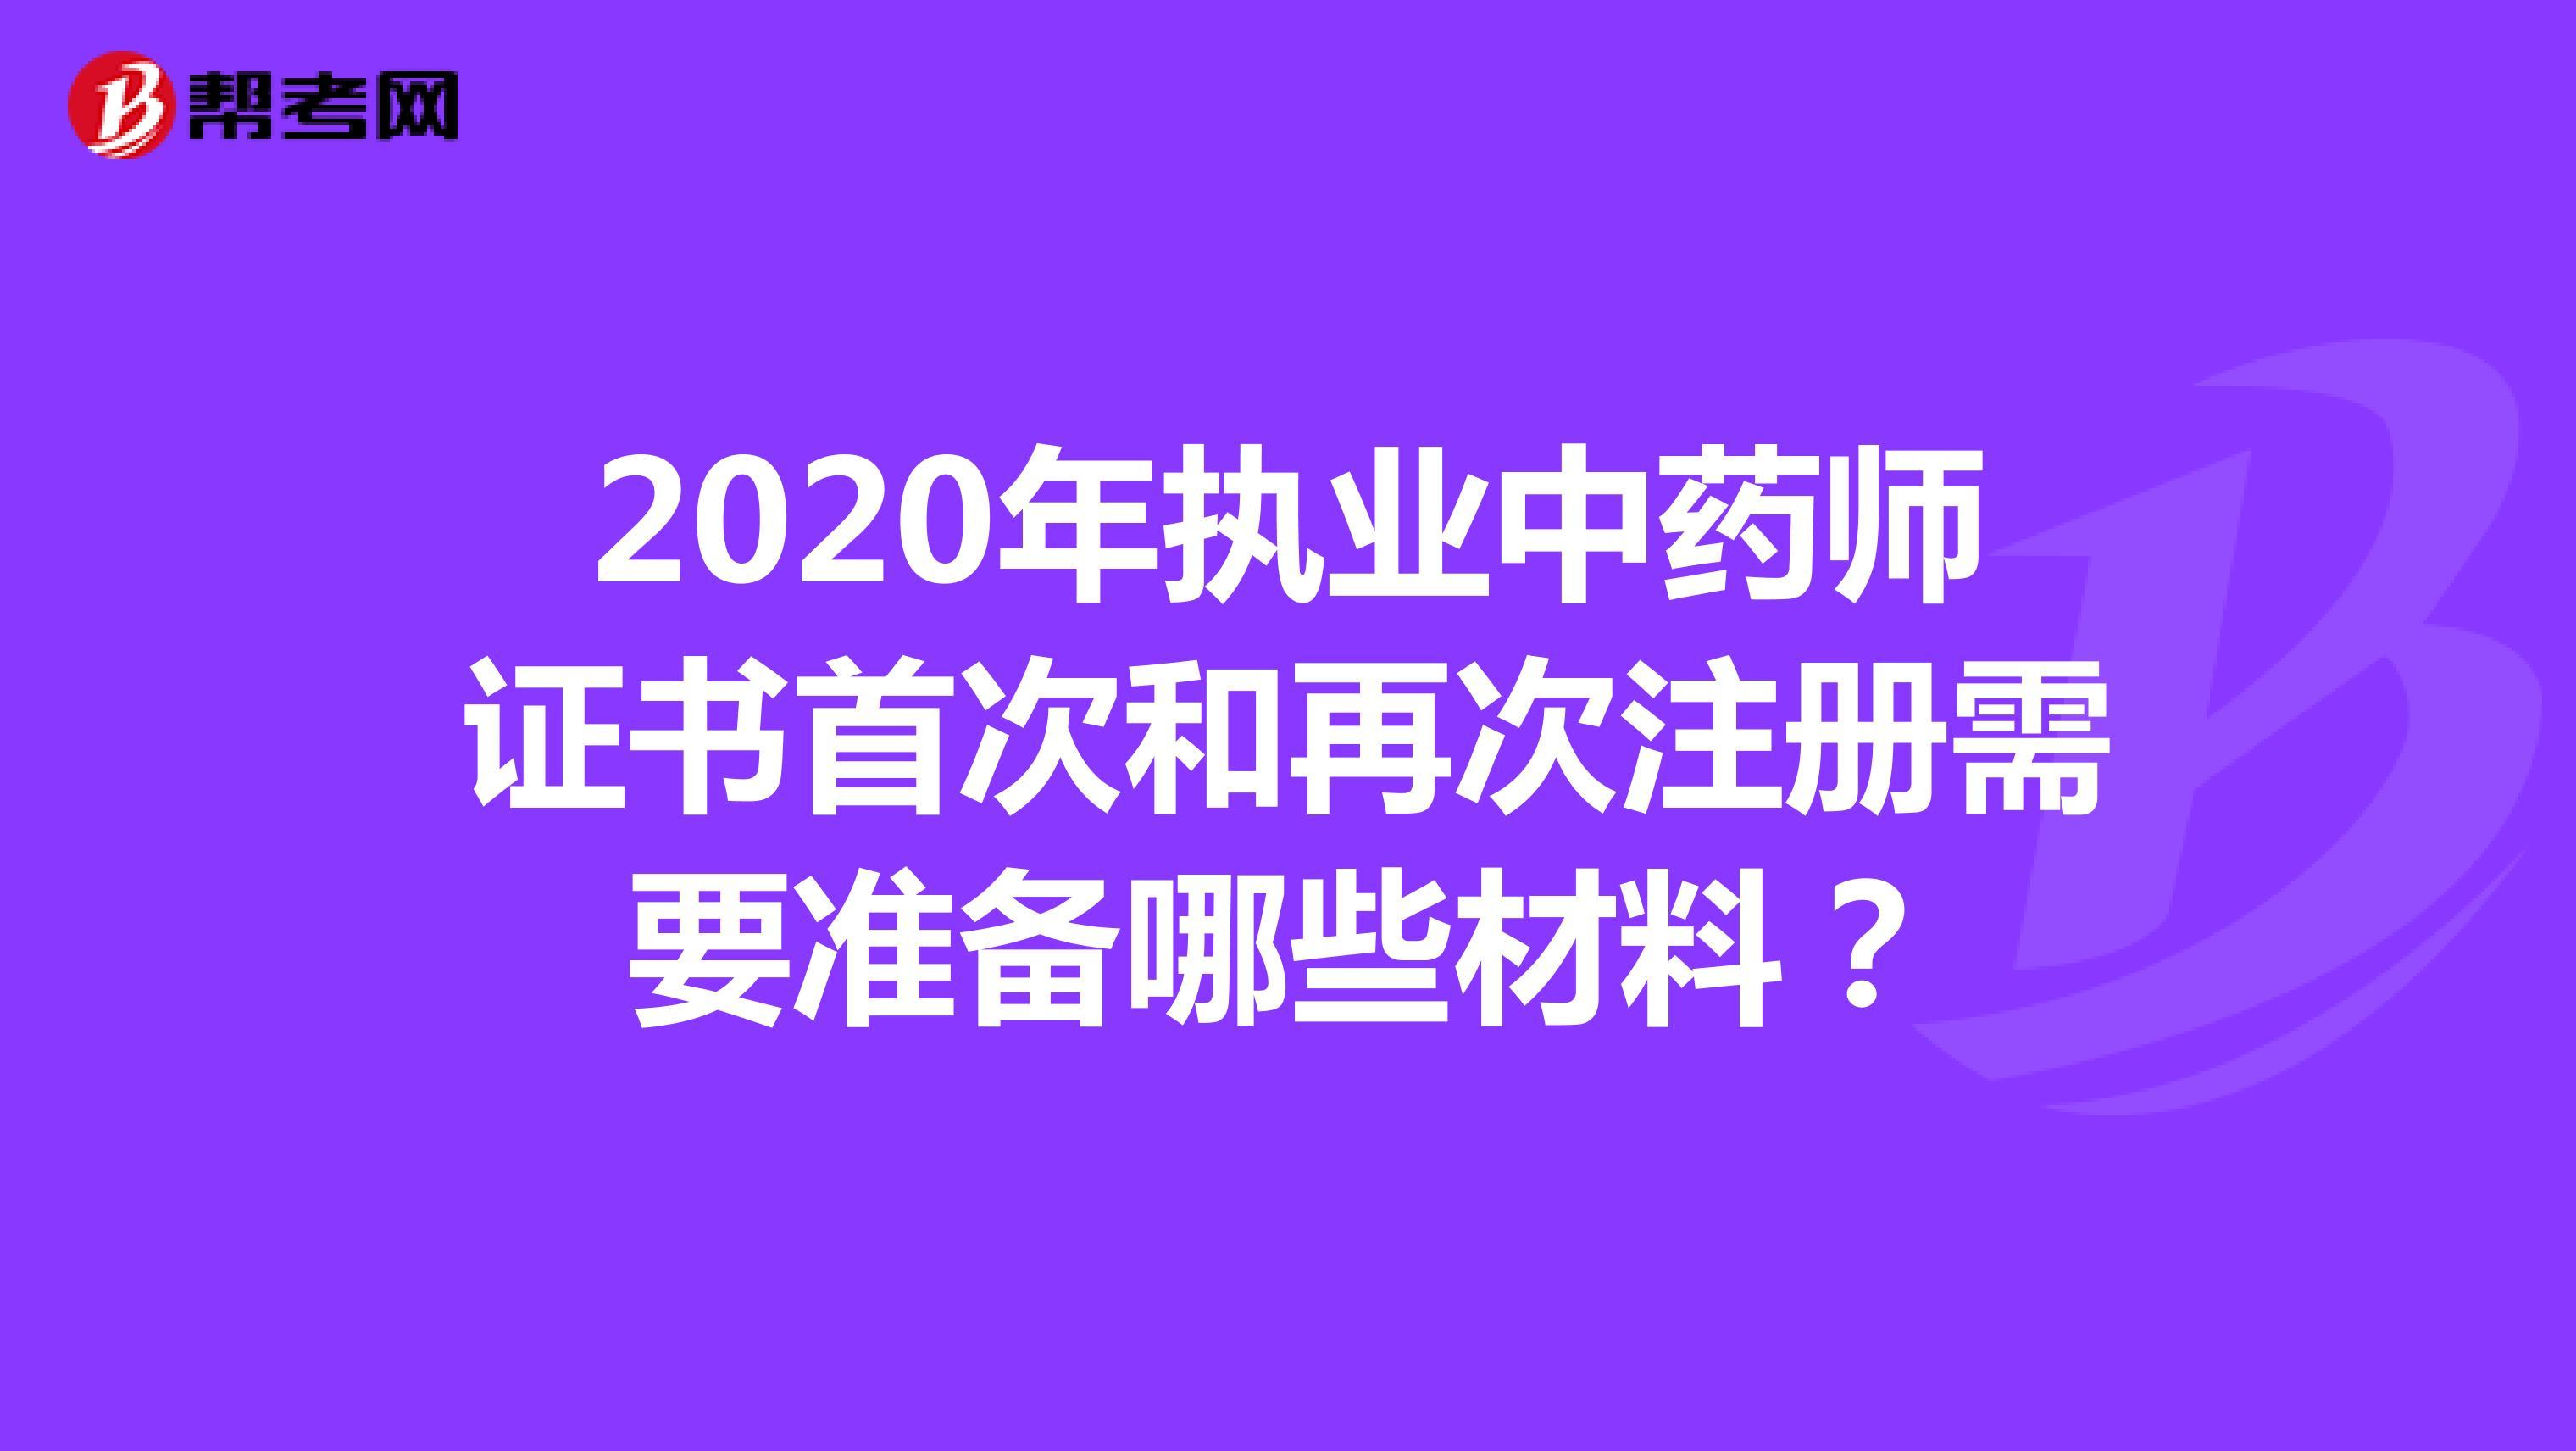 2020年執業中藥師證書首次和再次注冊需要準備哪些材料?